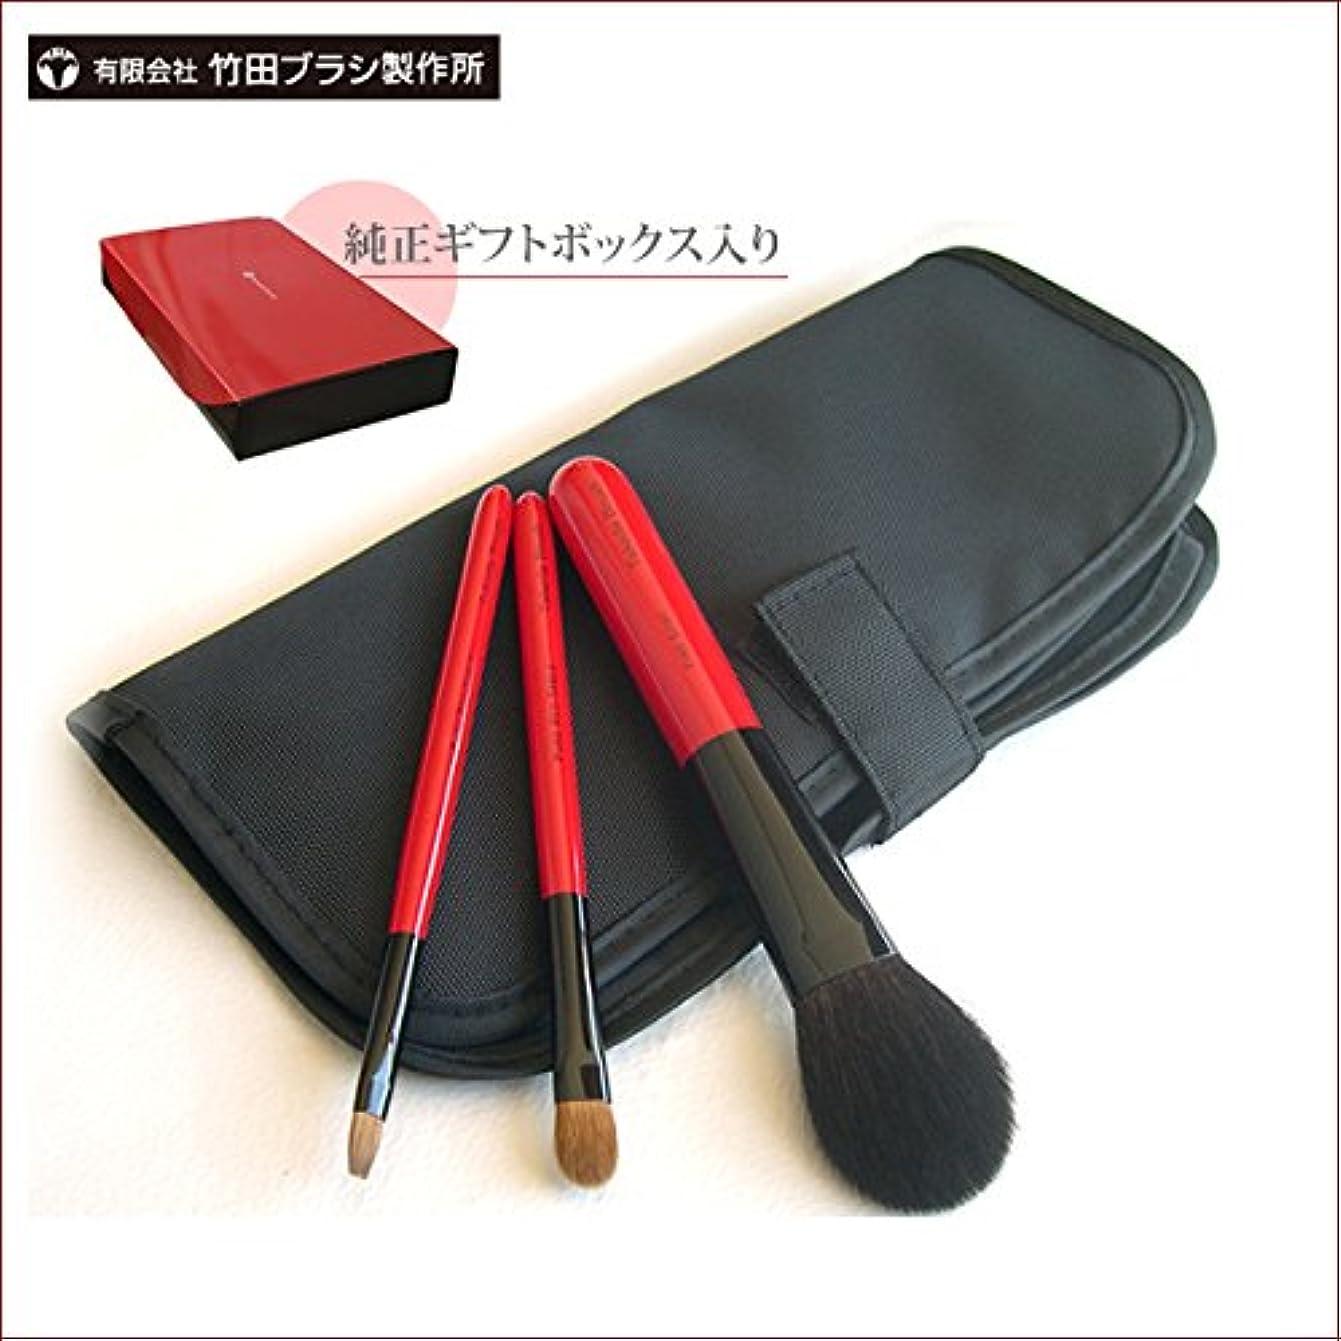 覗く記念碑的なルー有限会社竹田ブラシ製作所の熊野化粧筆 特別3本セット (純正ギフトボックス入り)